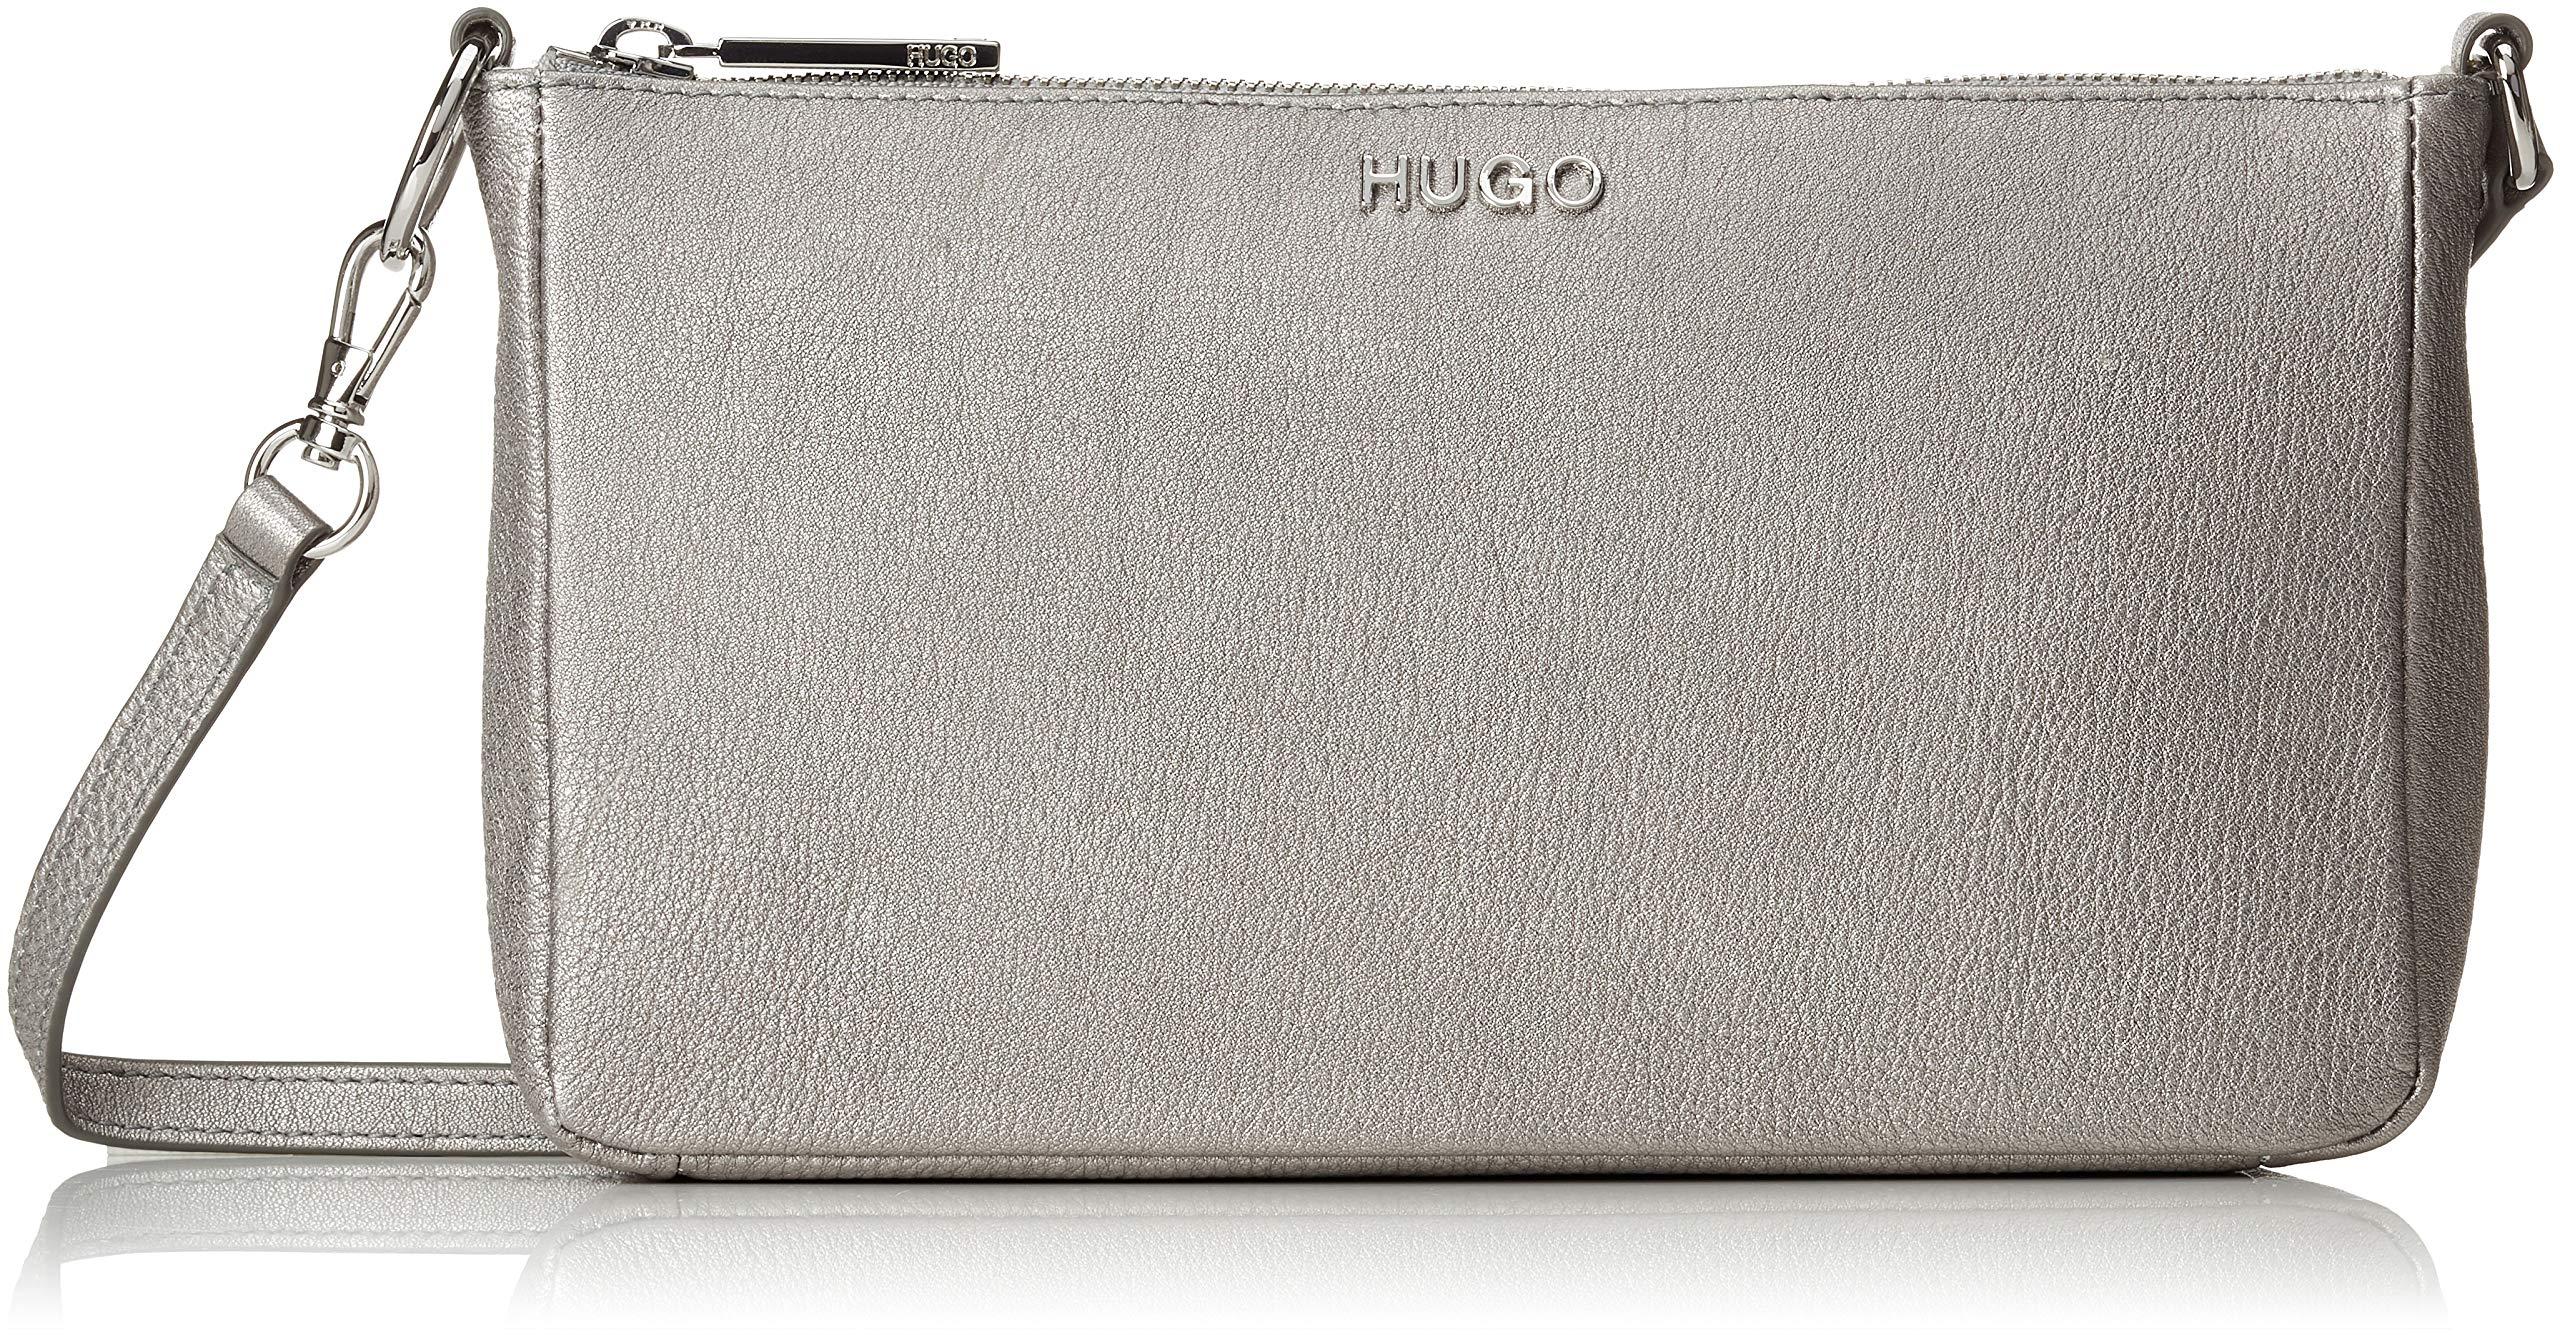 Portés 5 Hugo Bag Épaule T Mini H FemmeArgentésilver4 5x13x22 X Mayfair lSacs Cmb DHYE2We9I